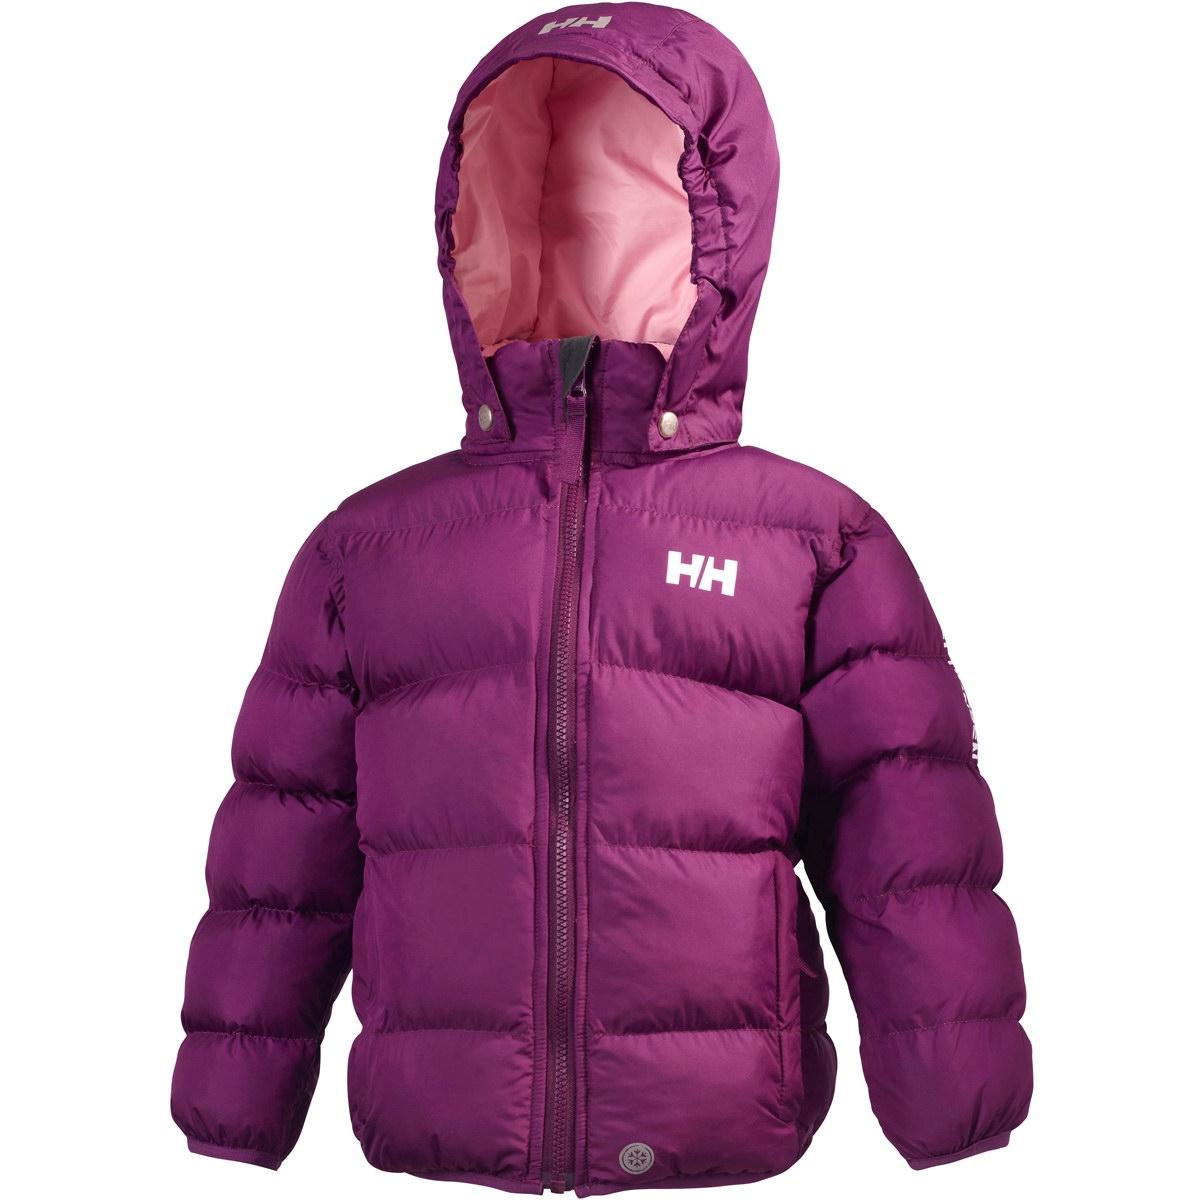 Helly Hansen  Sonderangebote –  Kids Bubble Ins Jacket nun mit 40  % Rabatt für 59.95 € im Angebot